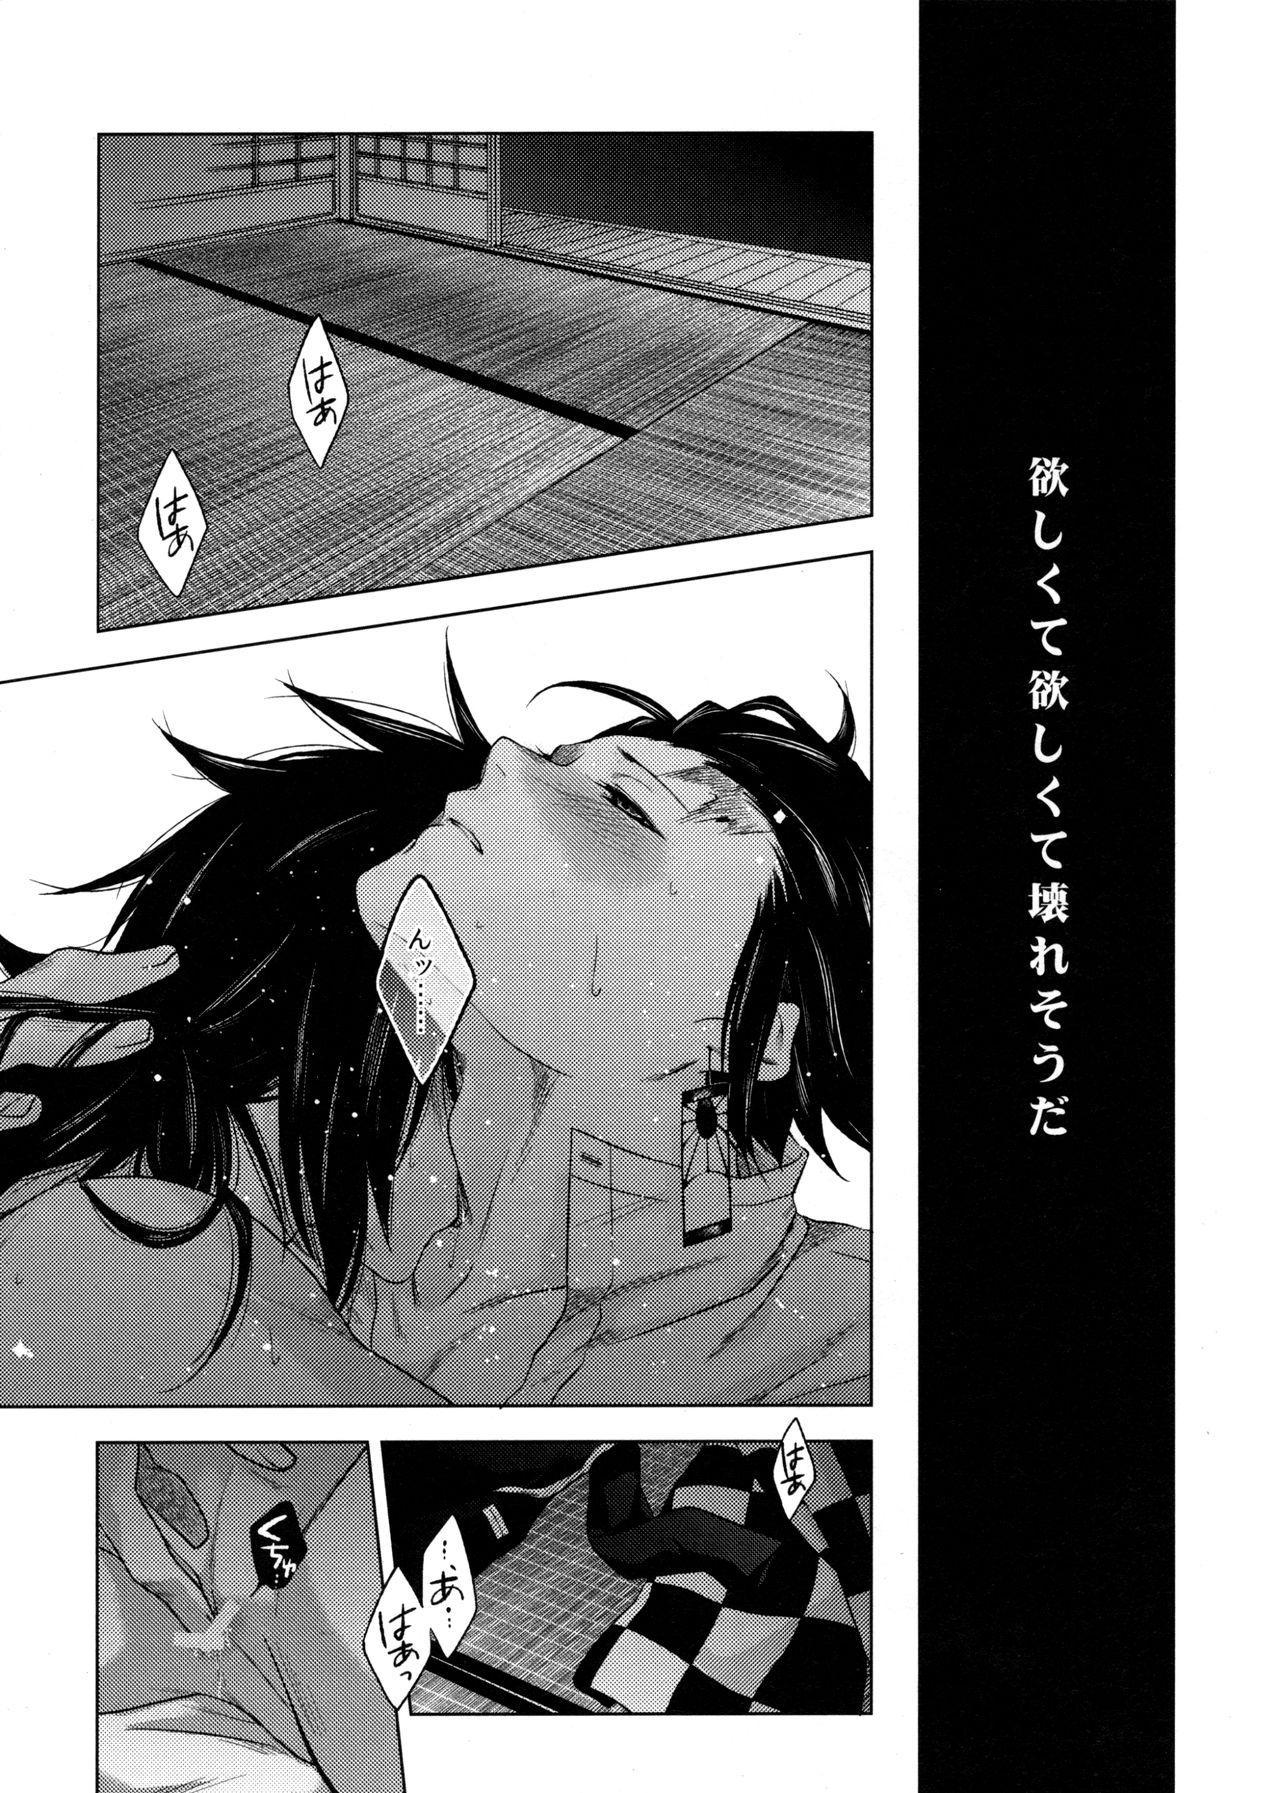 Sonzai suru Ningen no Kodoku to, Sonzai shinai Eien 21